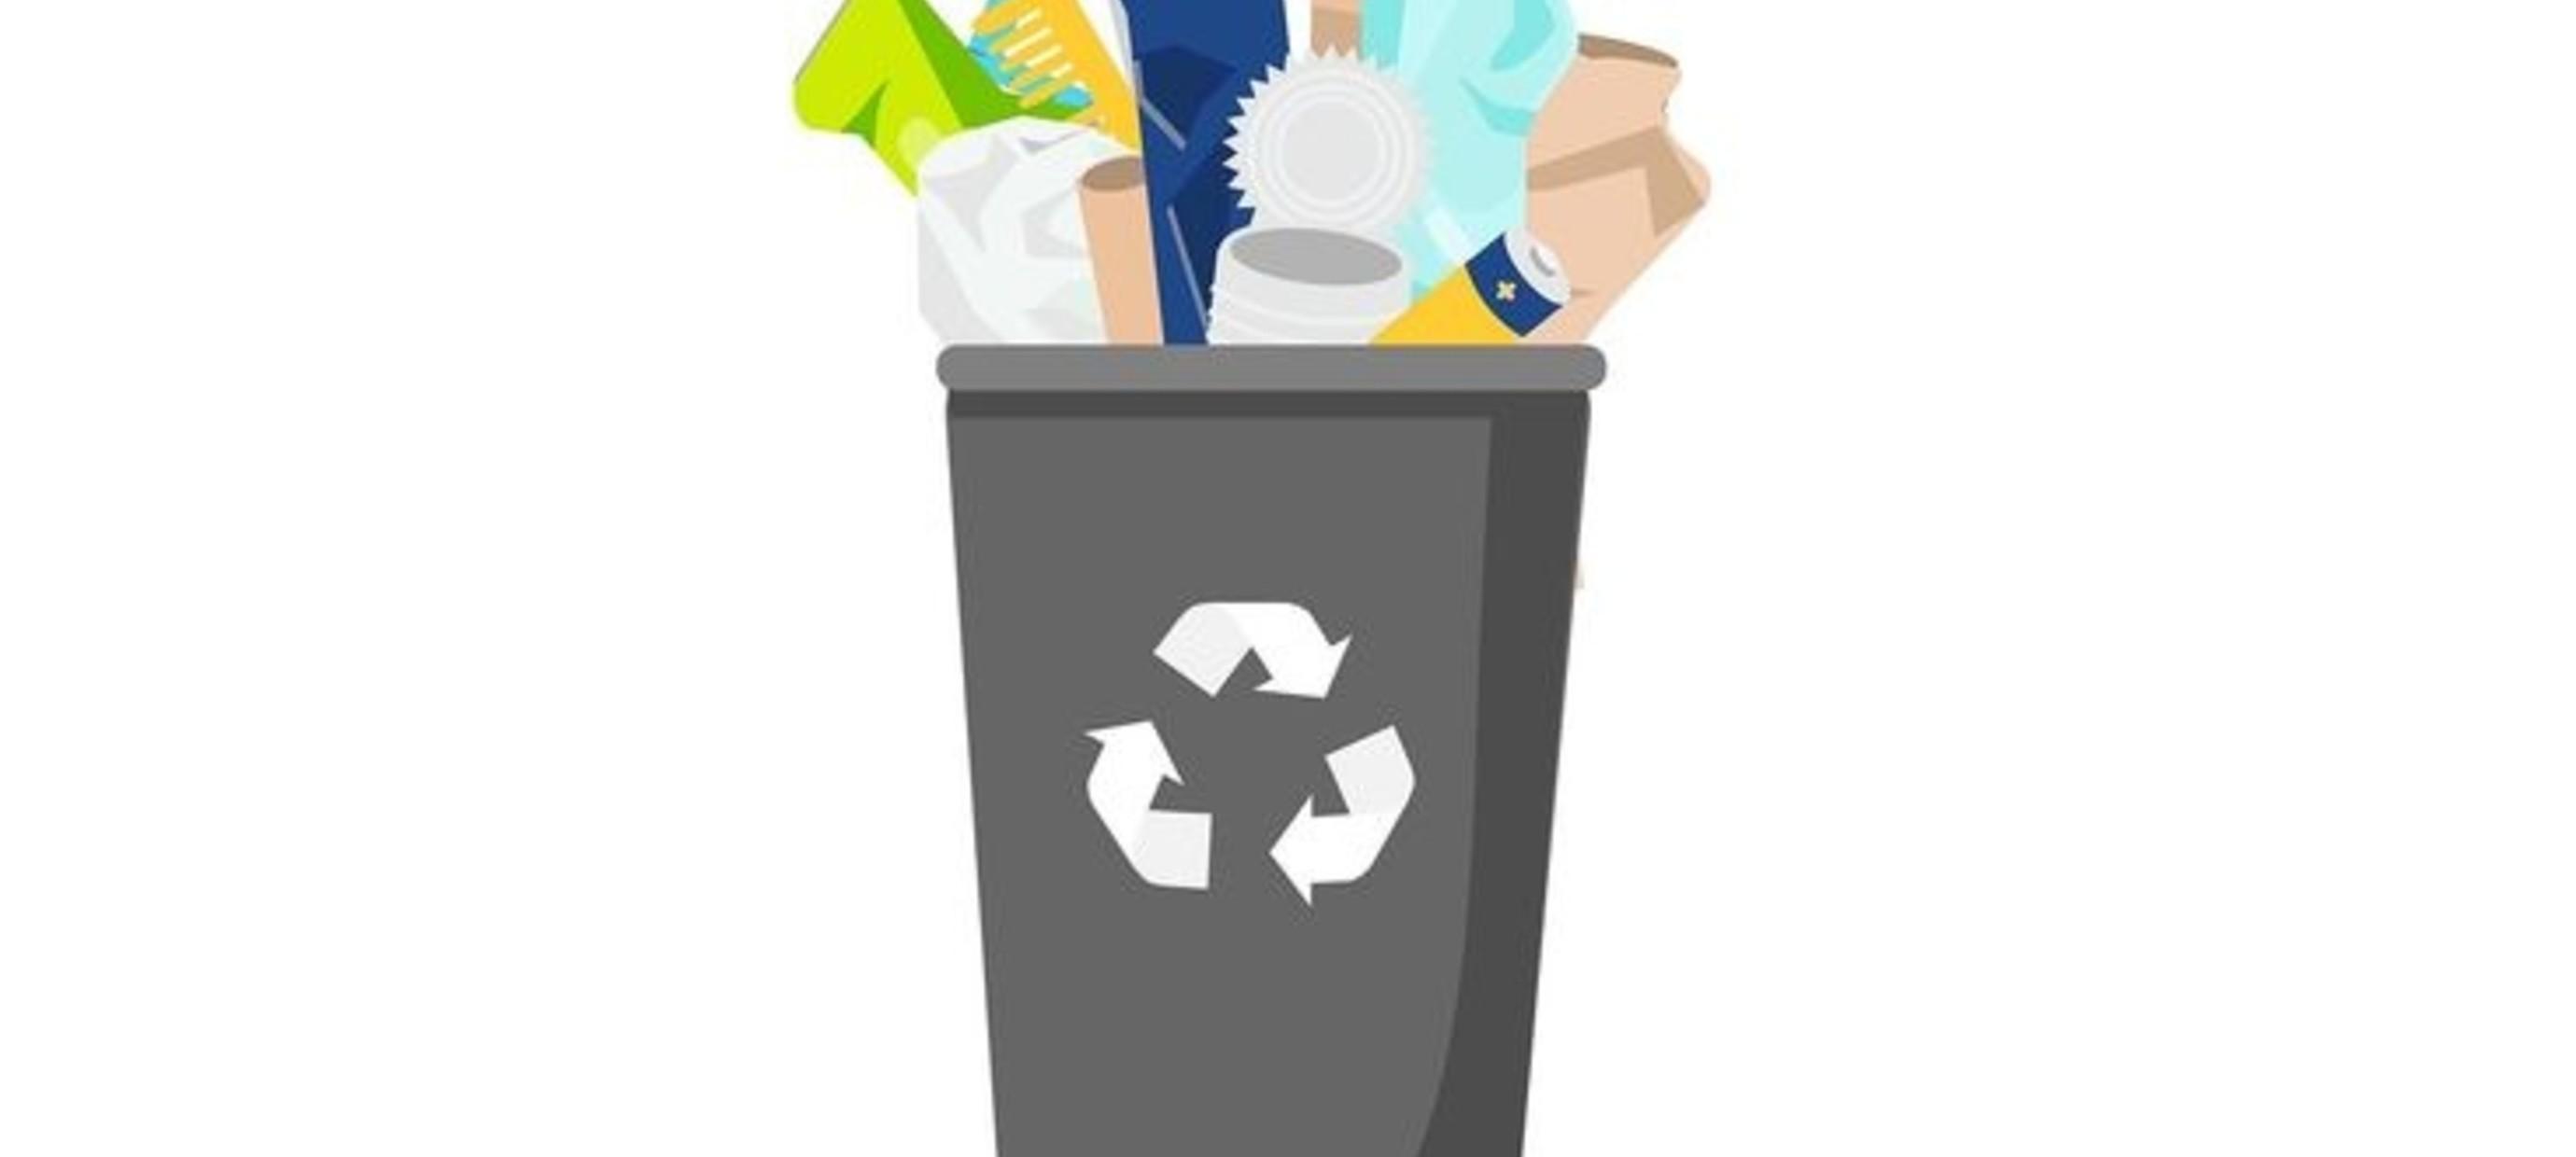 Samen tegen verspilling! De verspillingsvrije week